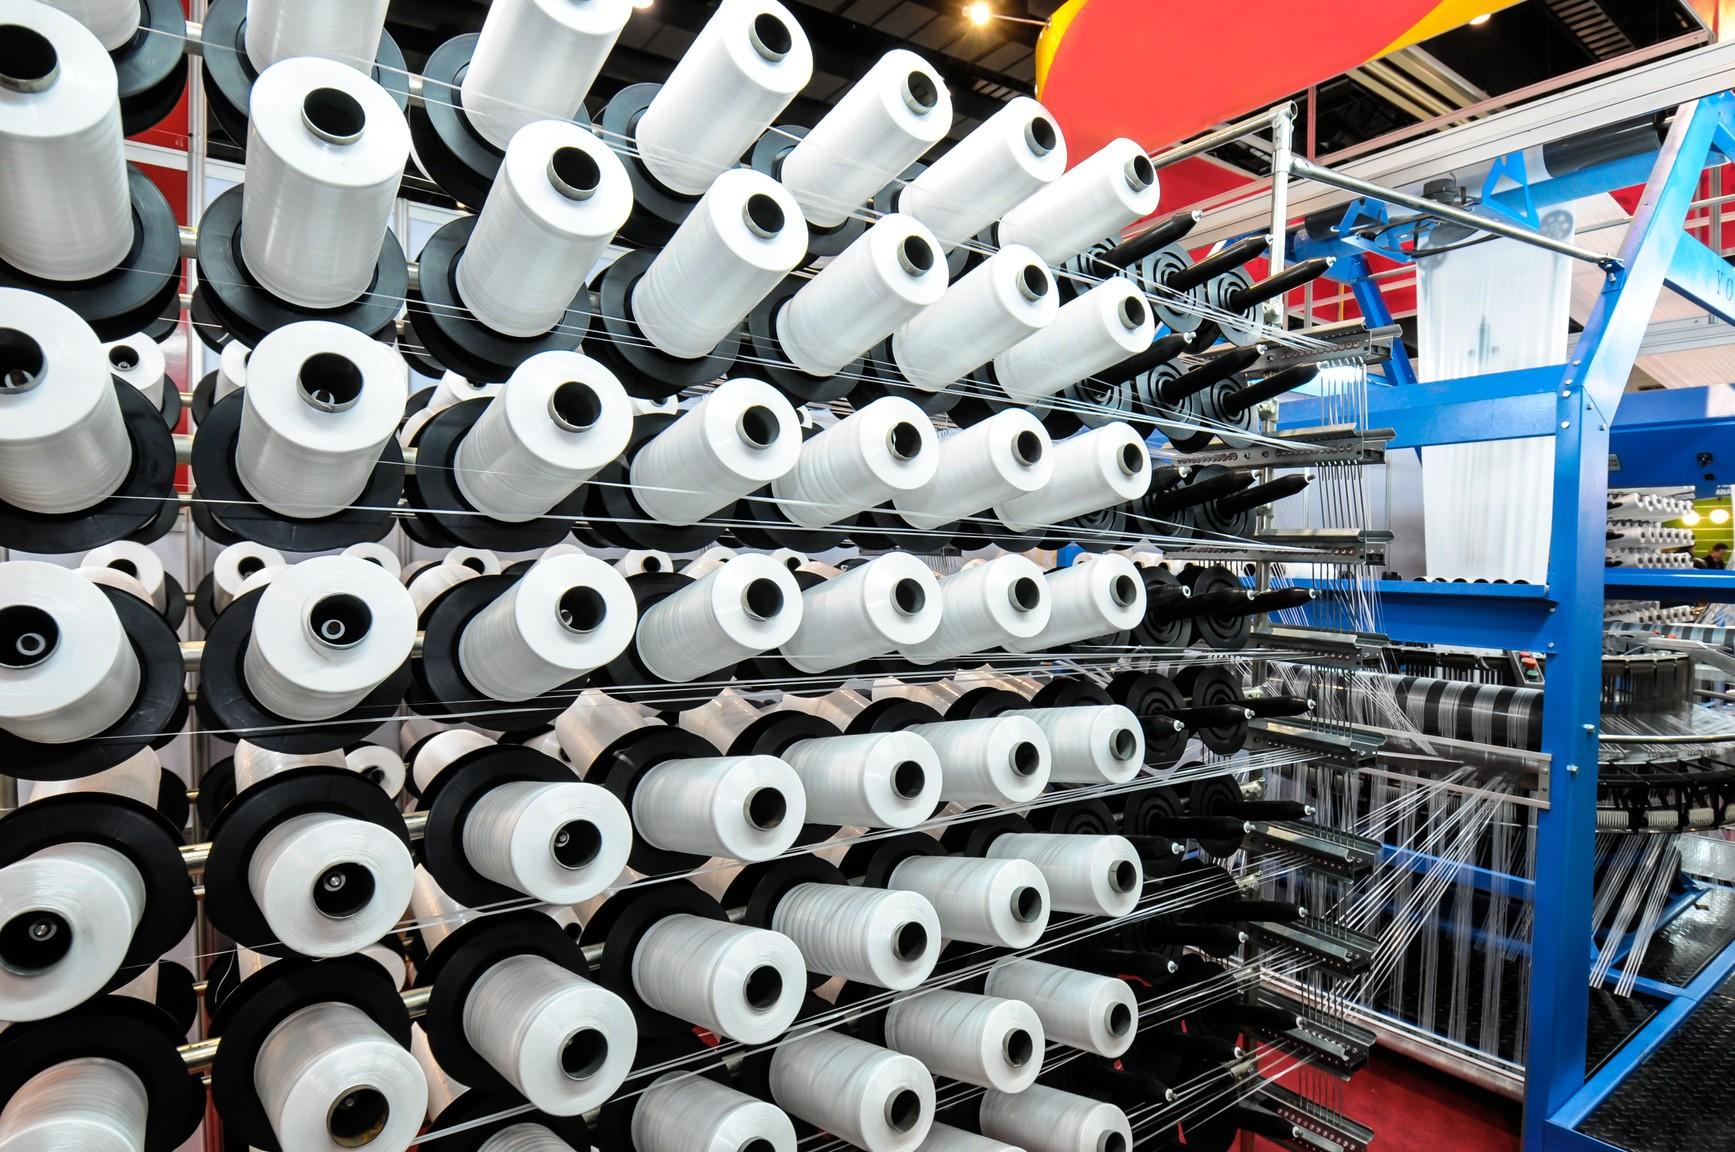 التمثيل التجارى يعرض مزايا الاستثمار بمصر لقطاع المنسوجات بمنتدى الاستثمار الصينى